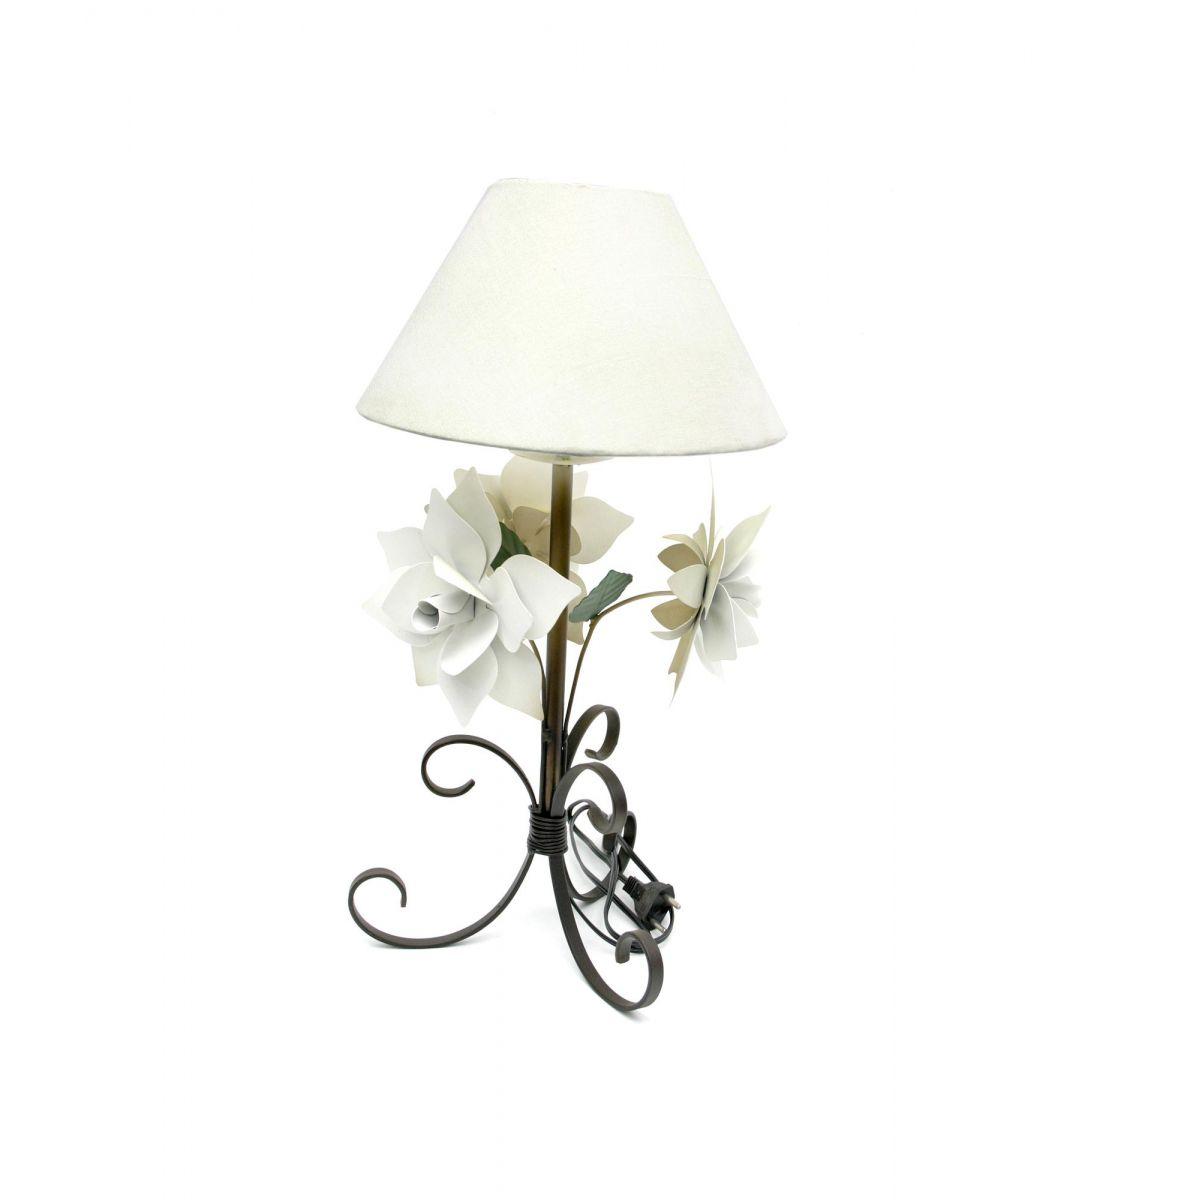 Abajur Rustico para Quarto De Casal De Ferro Artesanal Decorativo com Flores